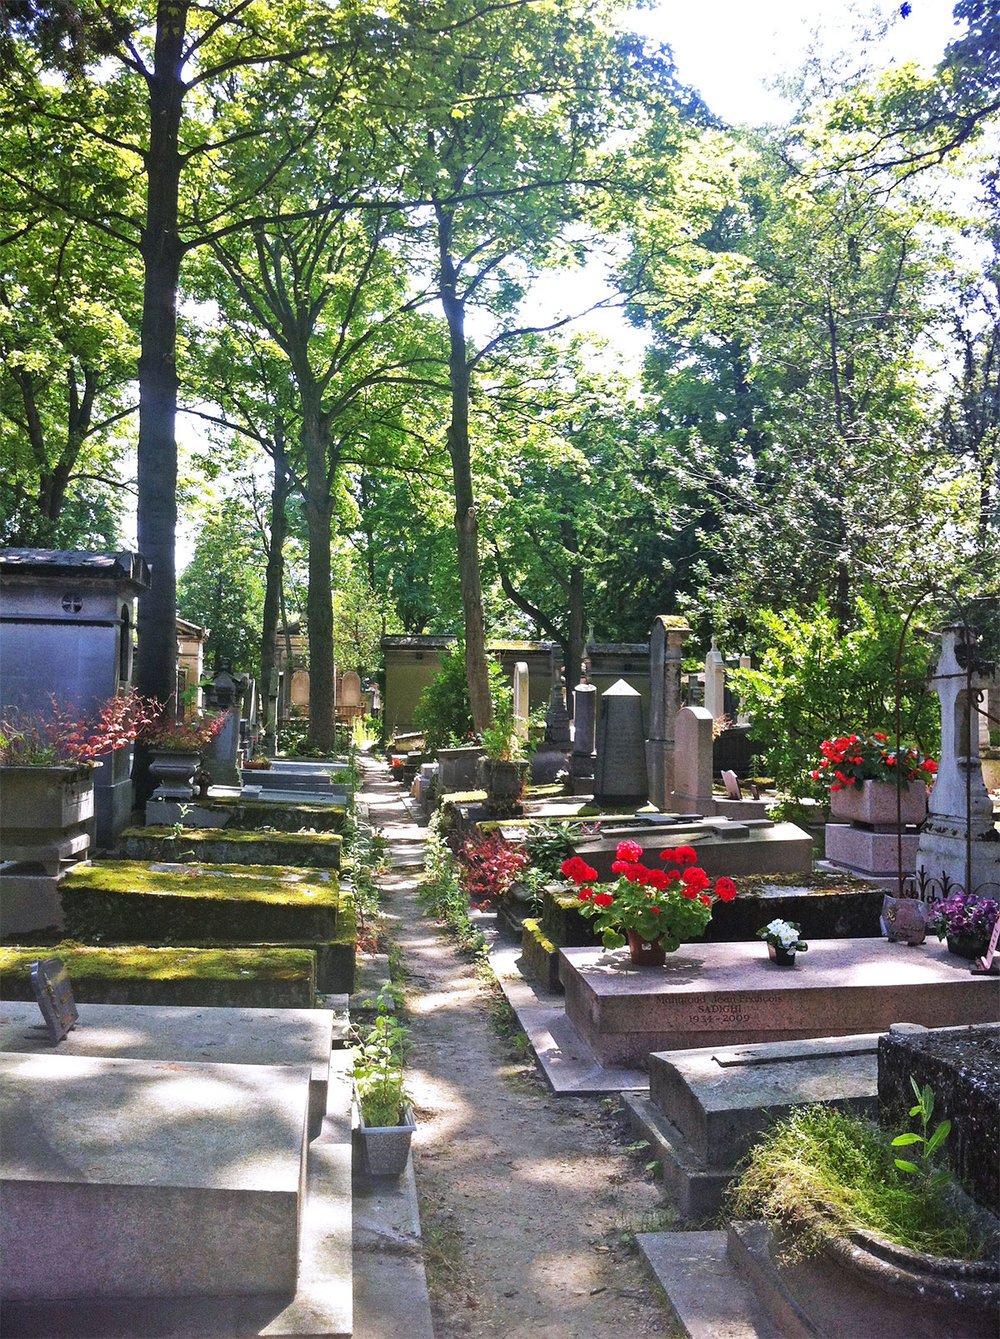 Paris-pere-lachaise-cemetery.jpg